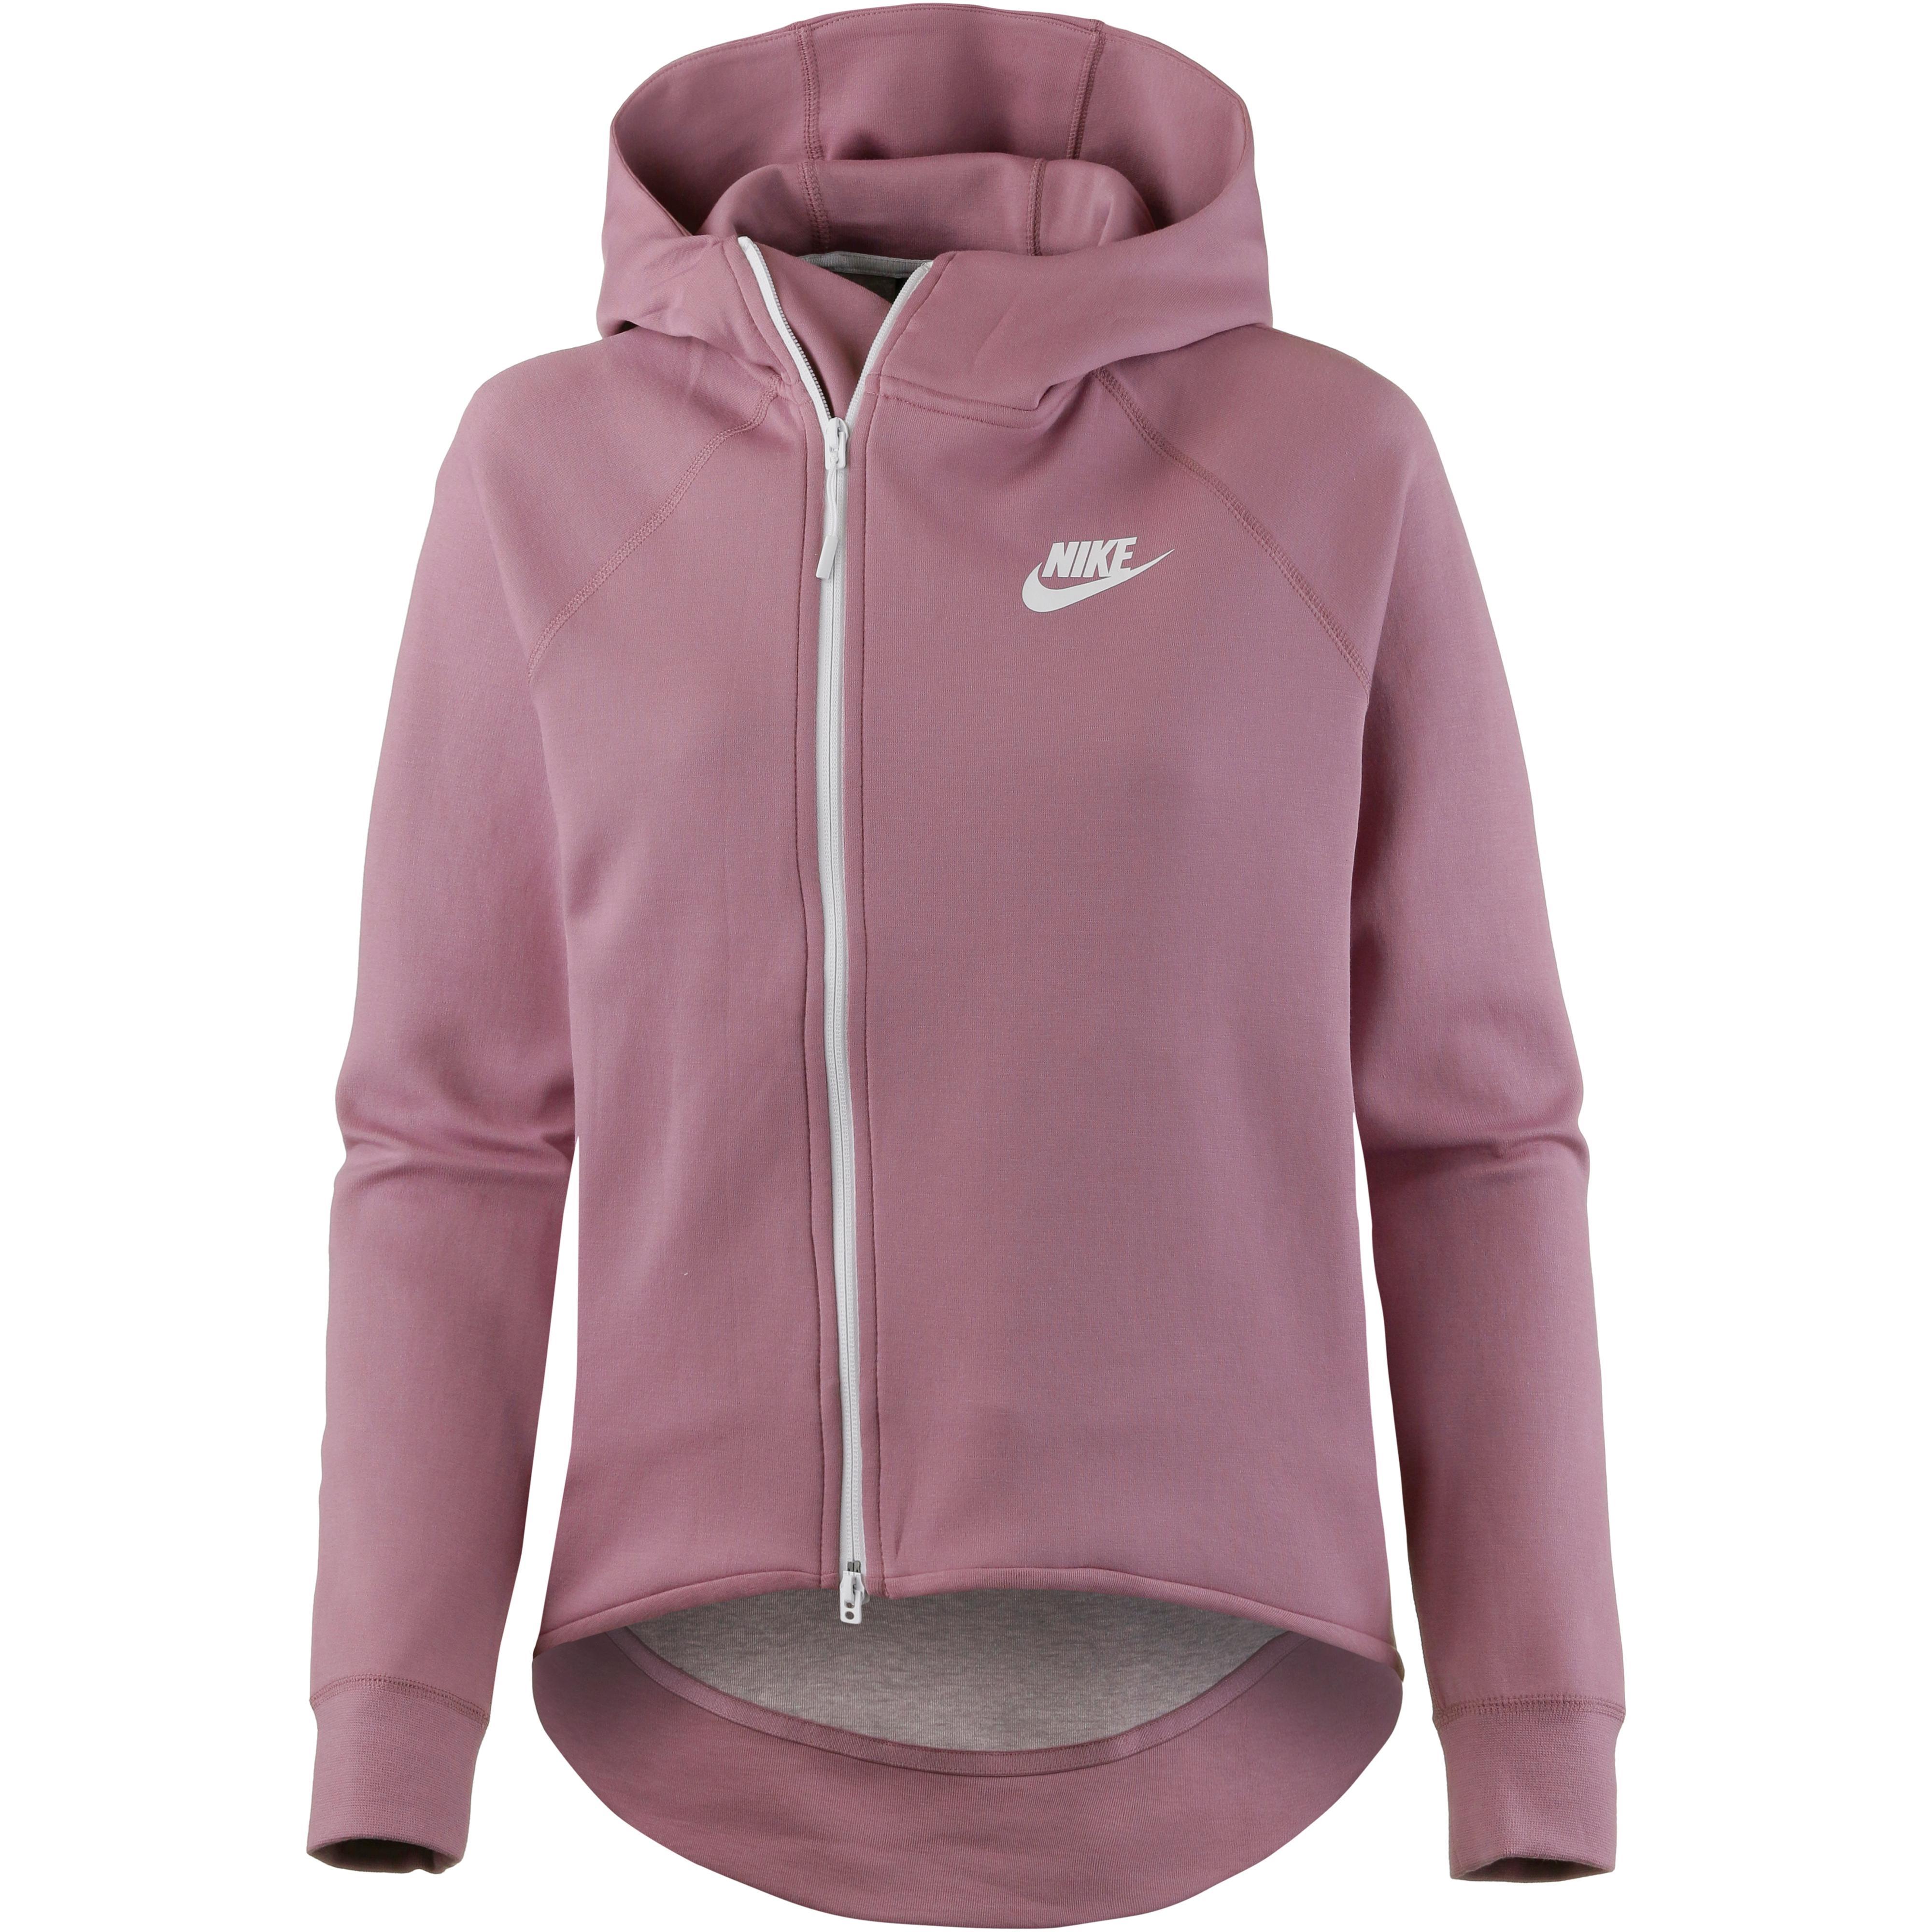 Weitere Sportarten L Bekleidung Nihil Keo Sweater Herren Hoodie mit hohem Kragen Herren Pullover Gr